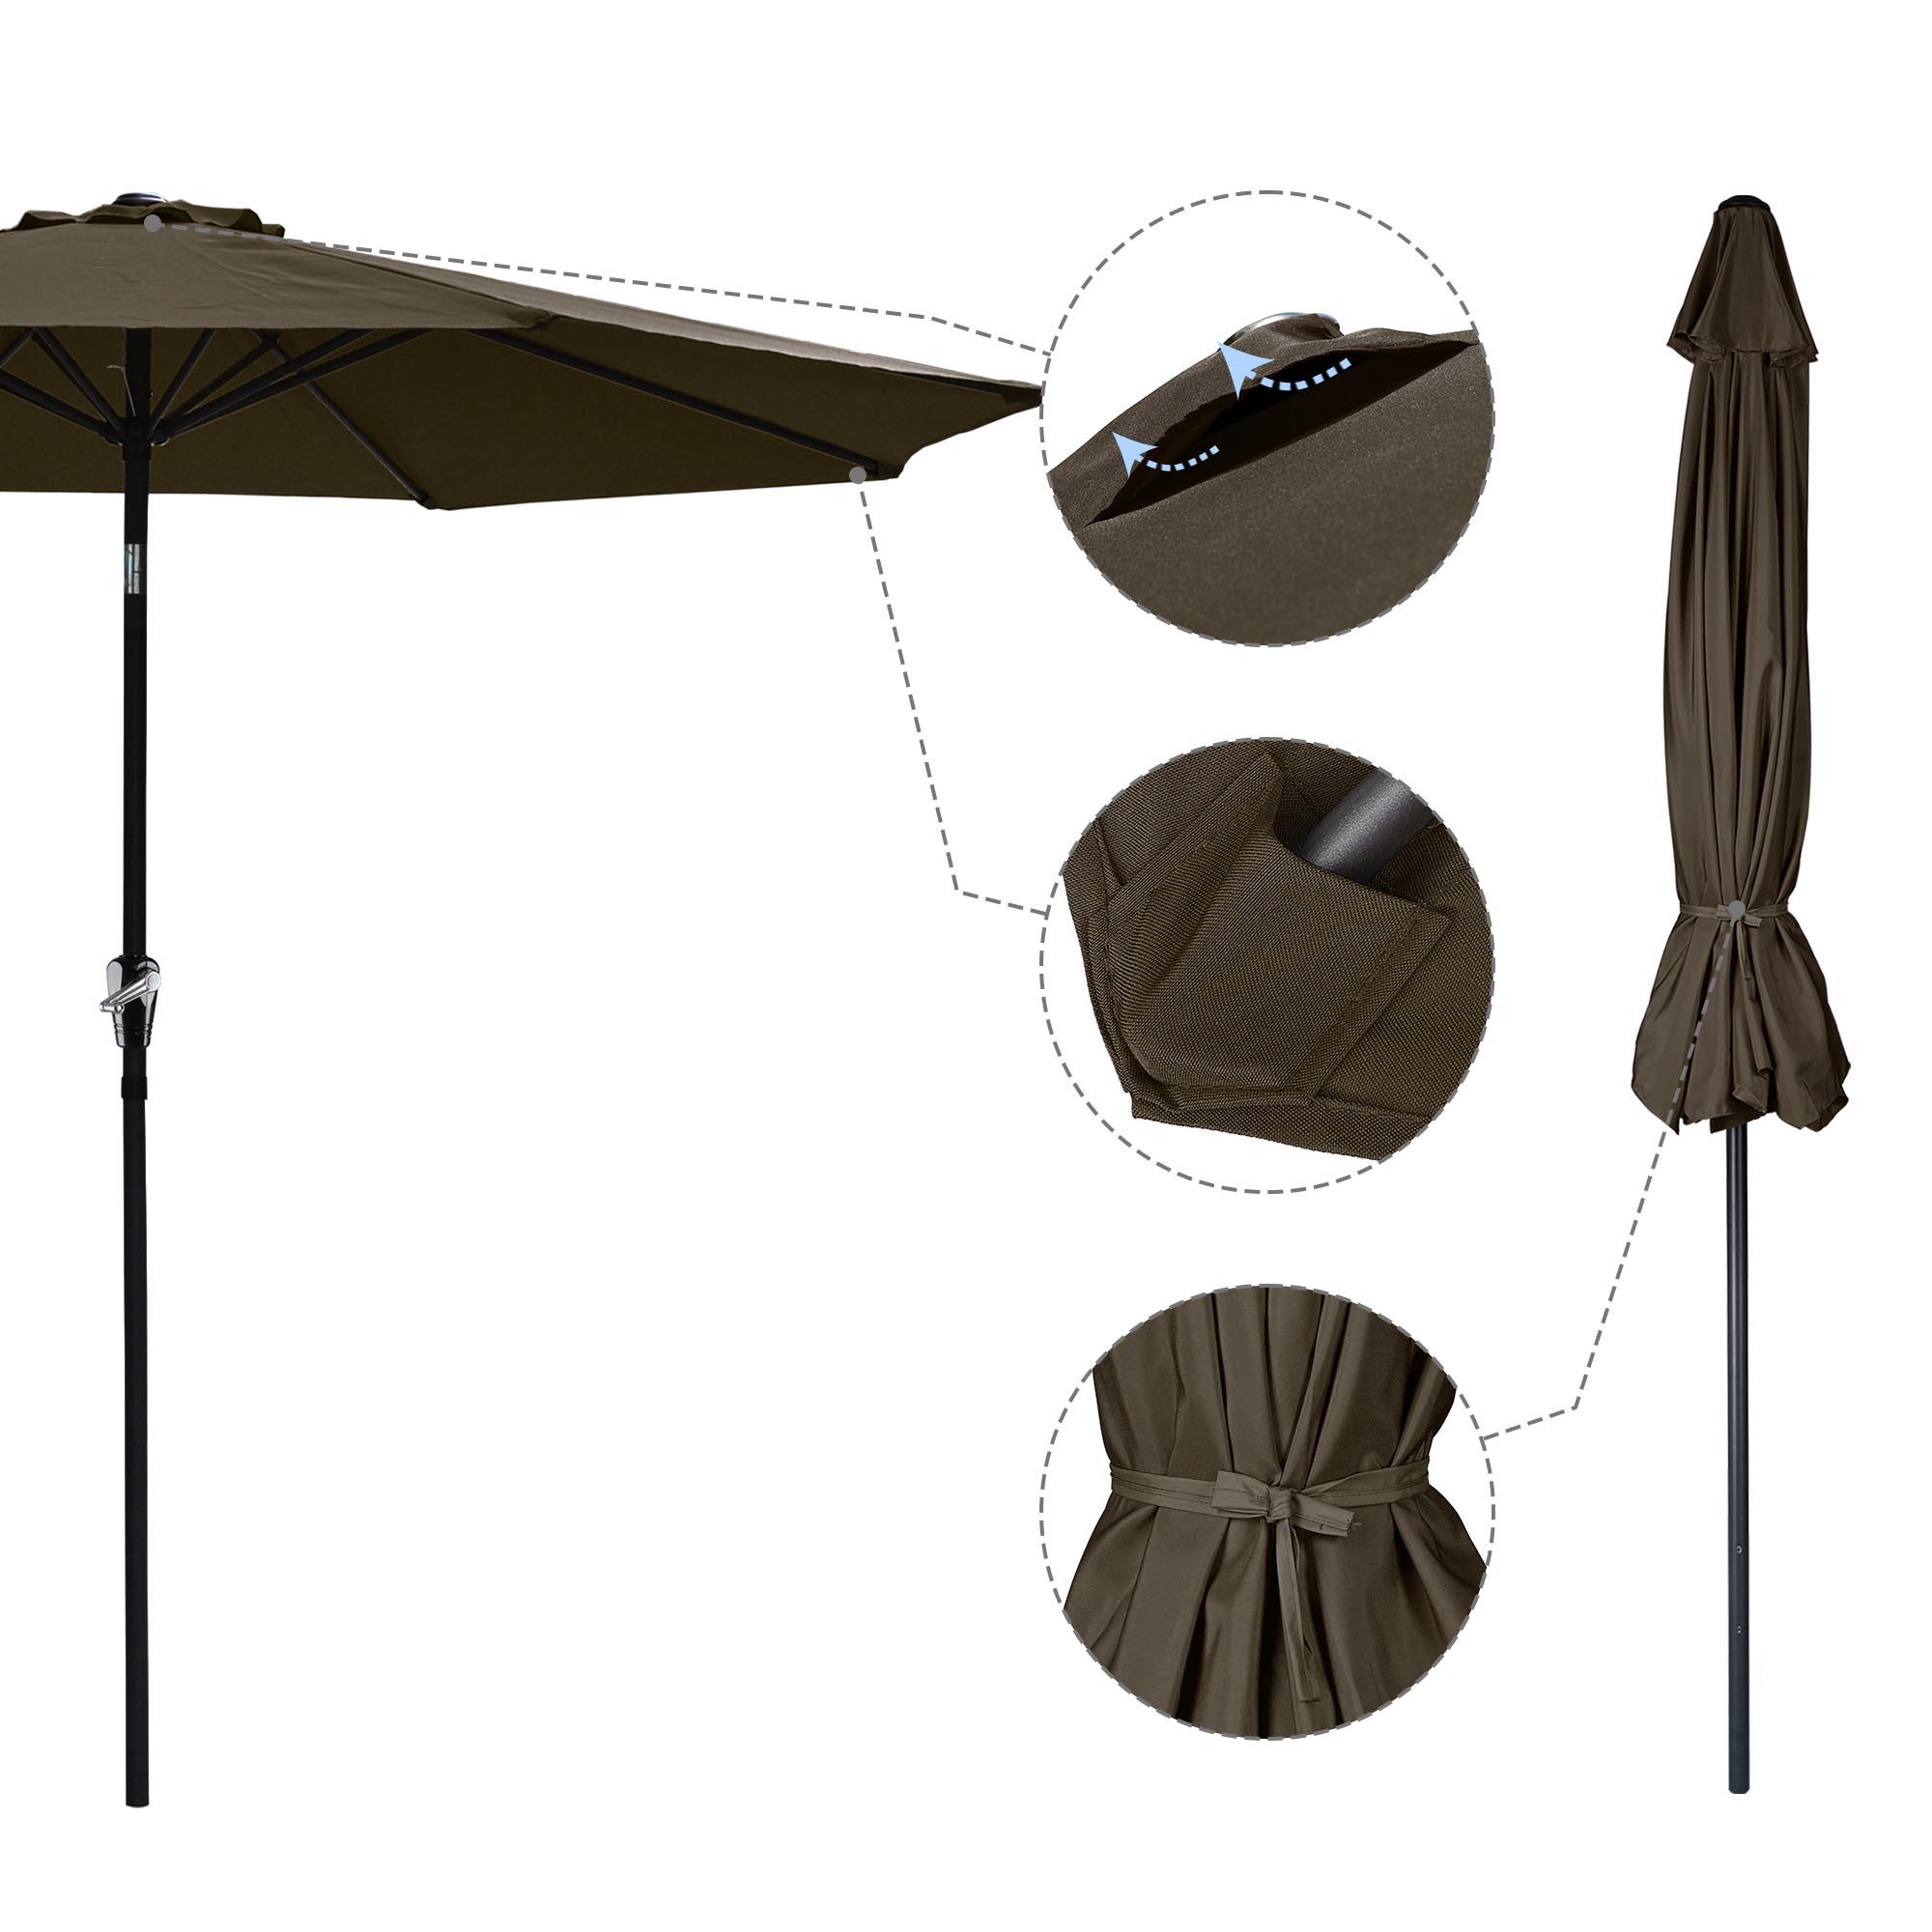 thumbnail 67 - 9' Outdoor Umbrella Patio 8 Ribs Market Garden Crank Tilt Beach Sunshade Parasol